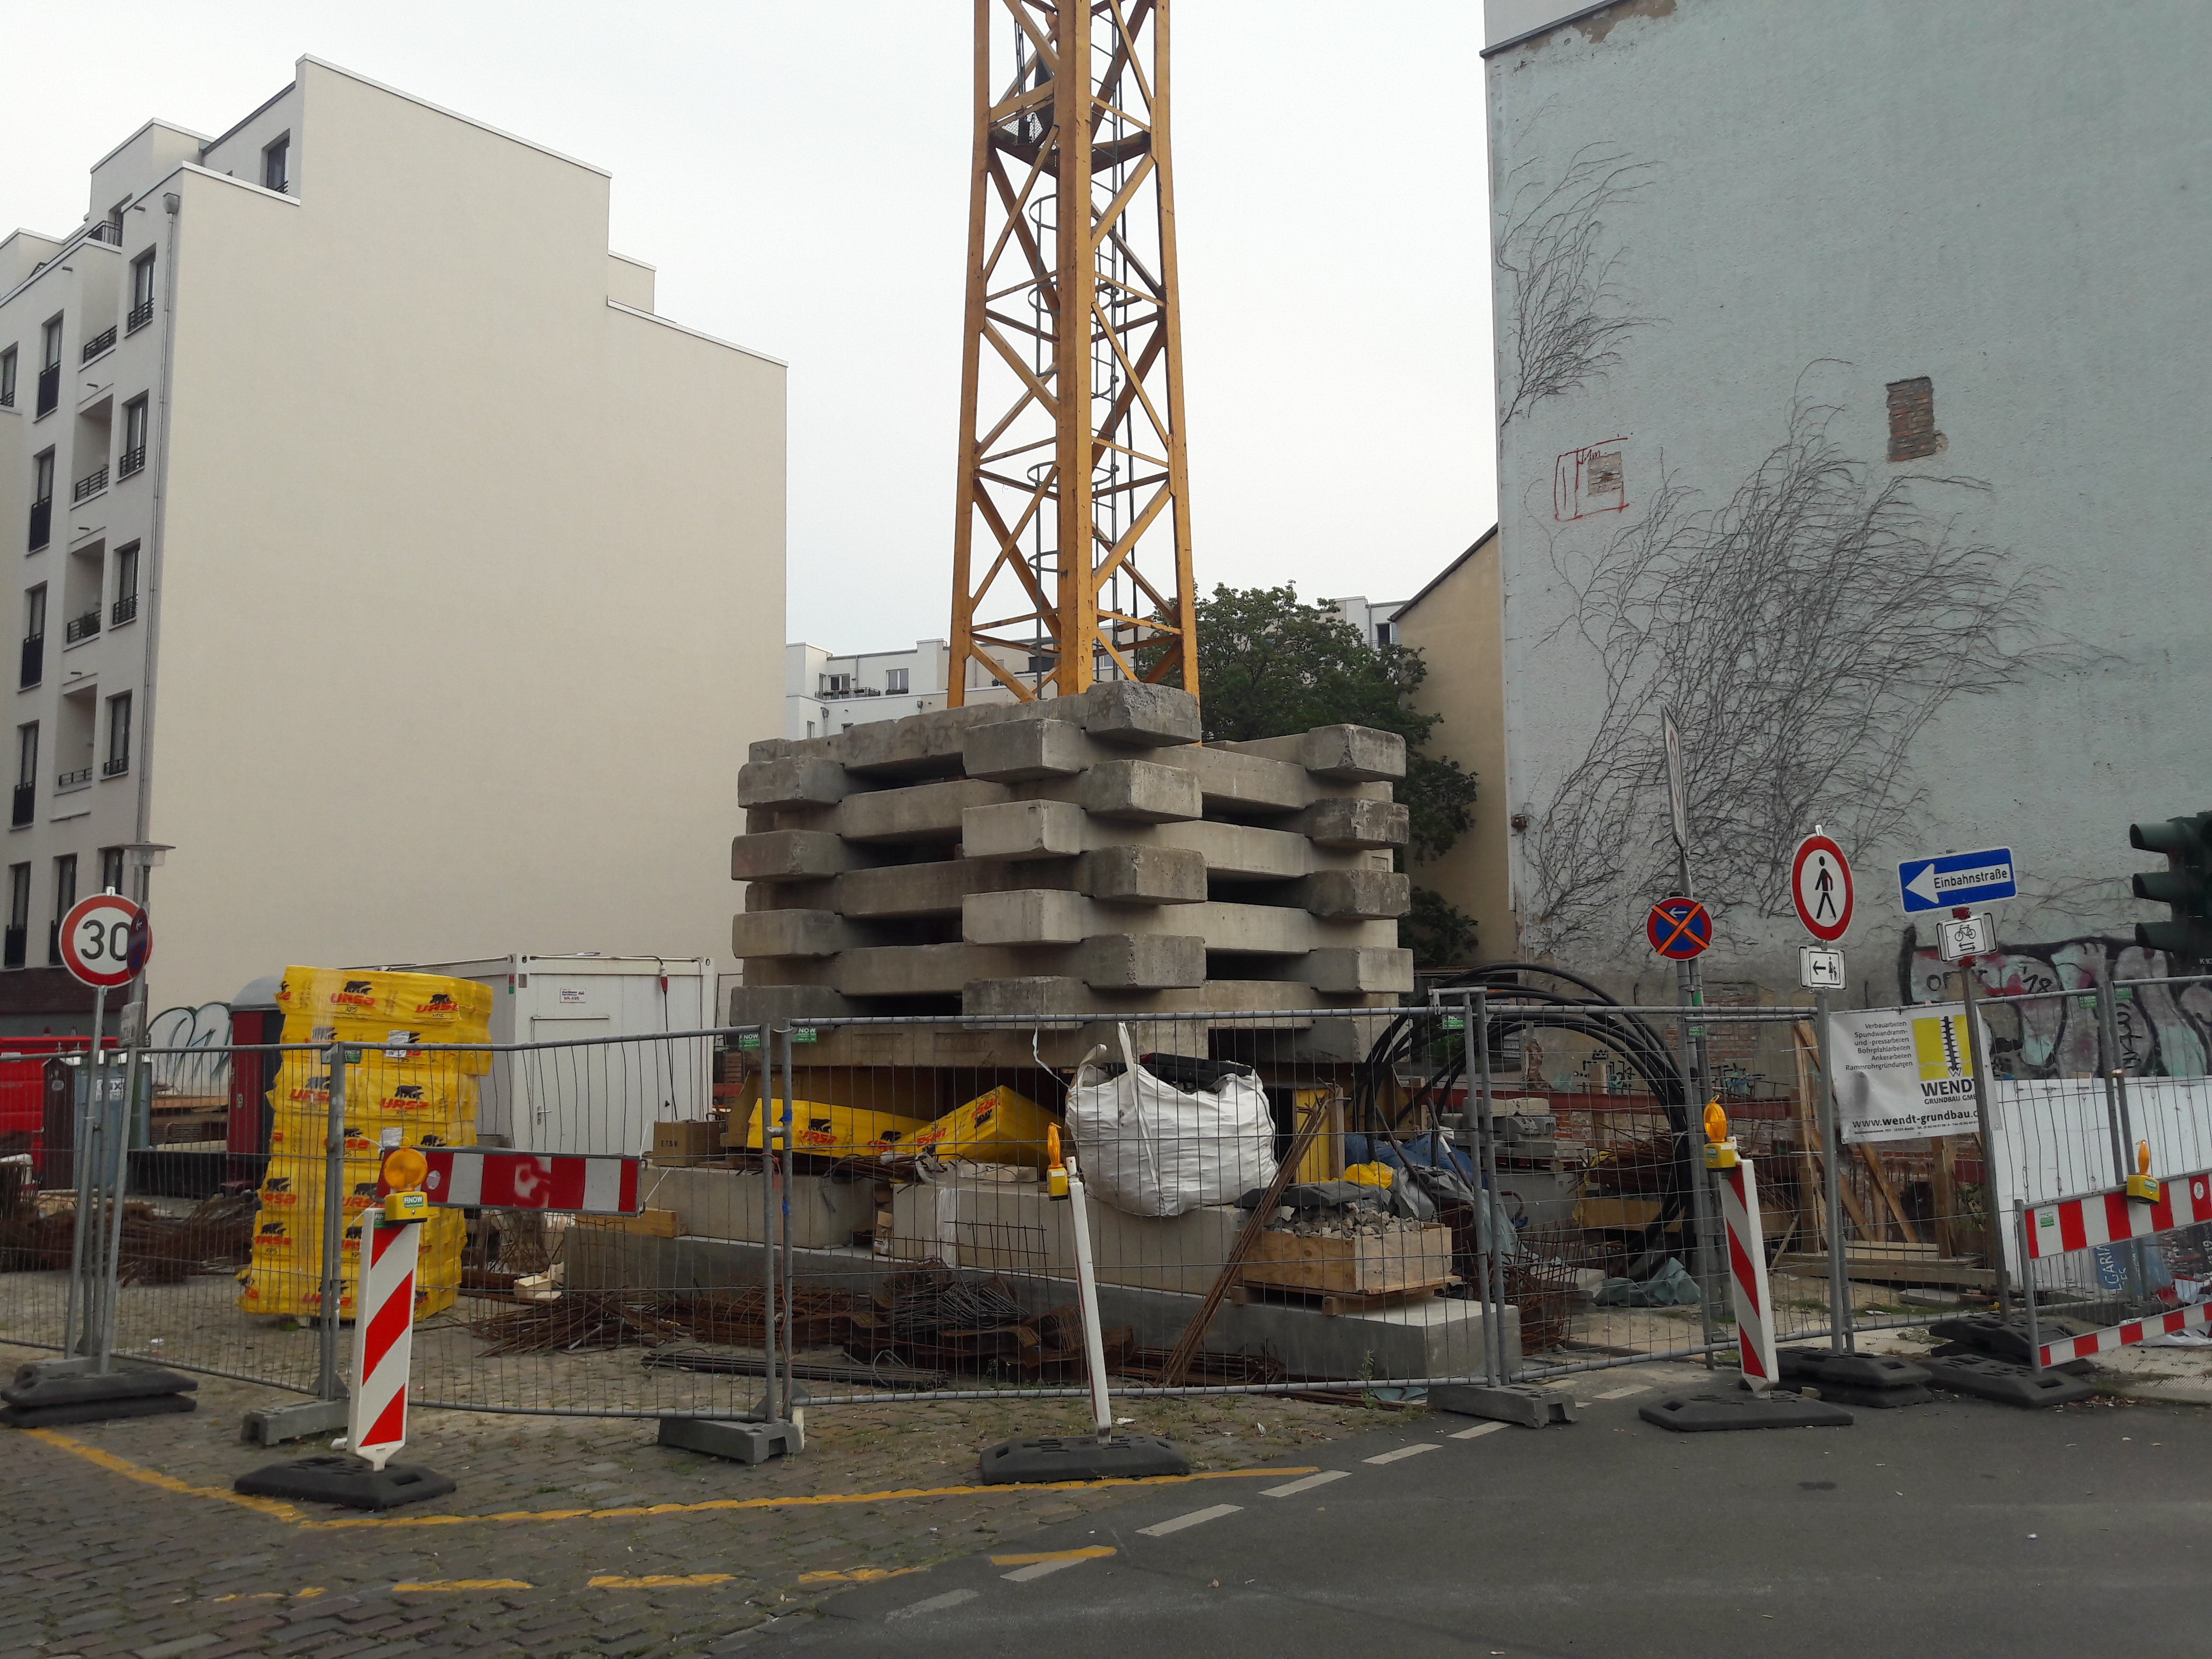 Neubau-Friedrichshain.jpg